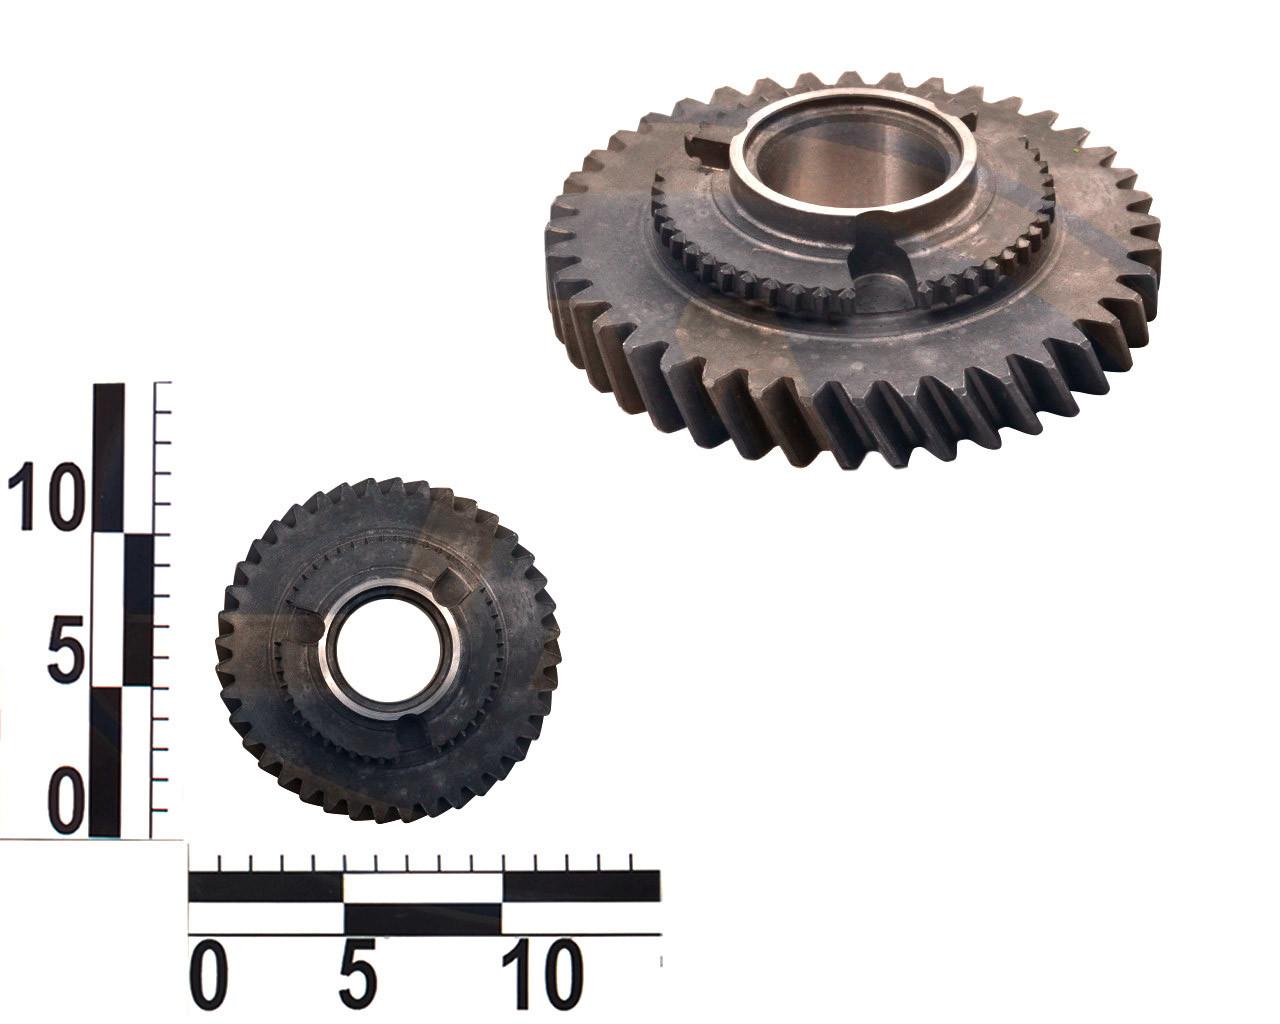 Шестерня КПП ВАЗ 1118, (2181), 1 передачі (під вал 2110). 21810-1701112-00 (АвтоВаз)